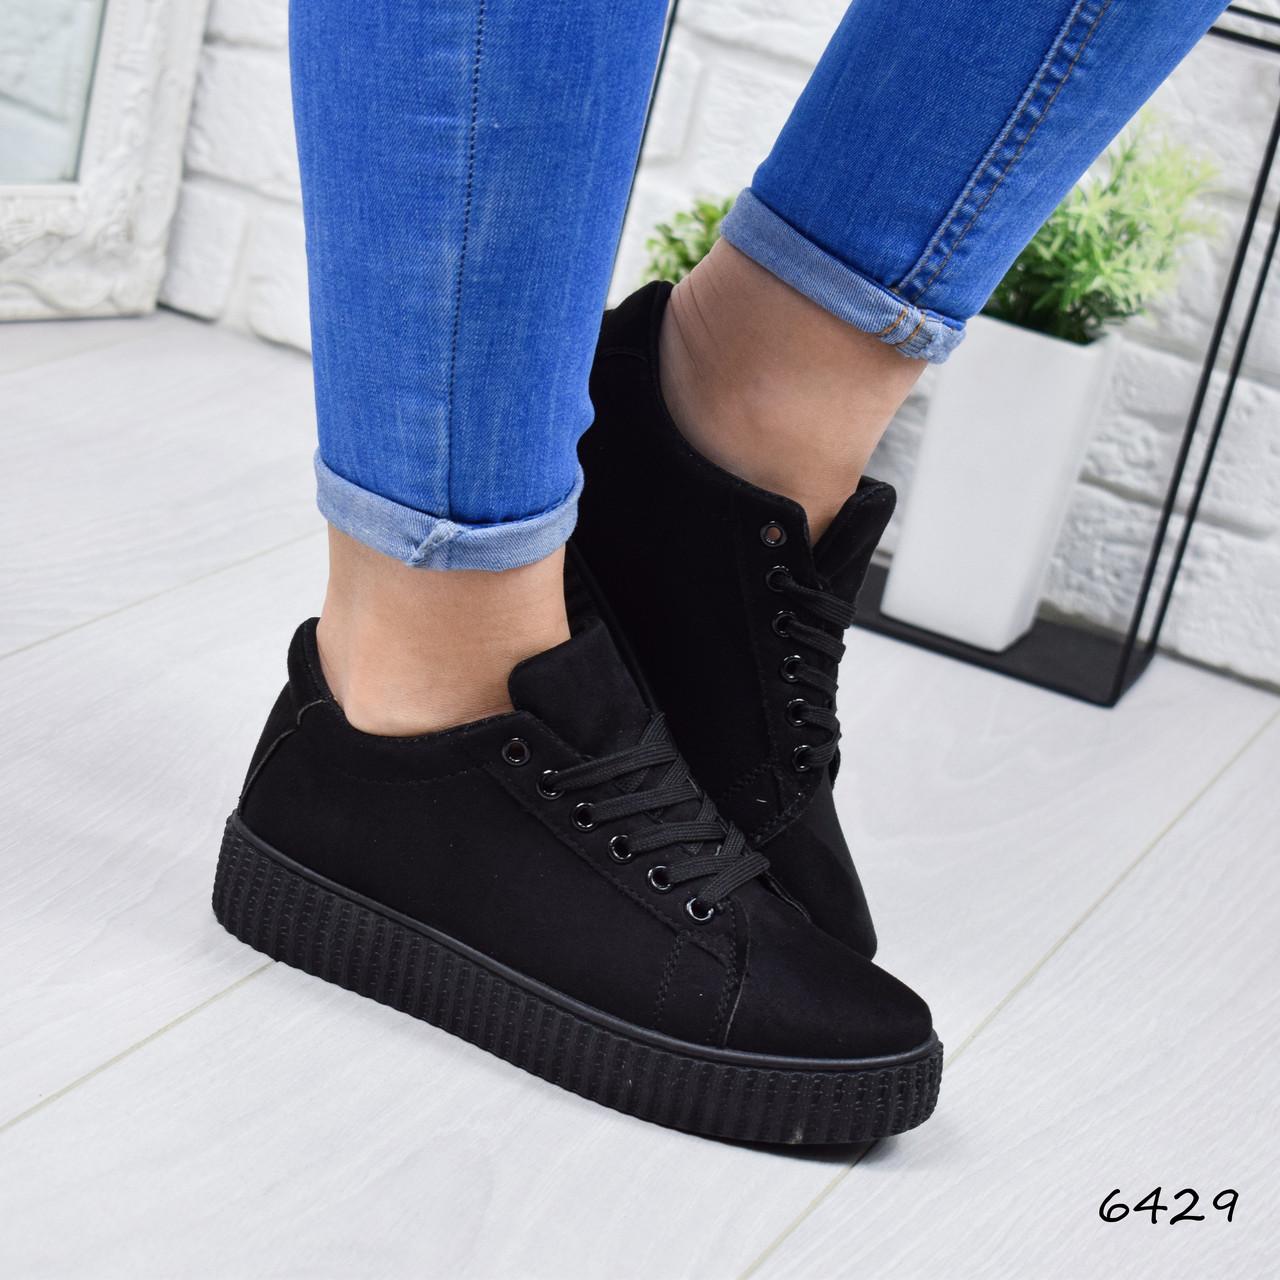 f9dbe7bccacef Кроссовки криперы PR черные 6429, спортивная обувь - AlexTop в Днепре